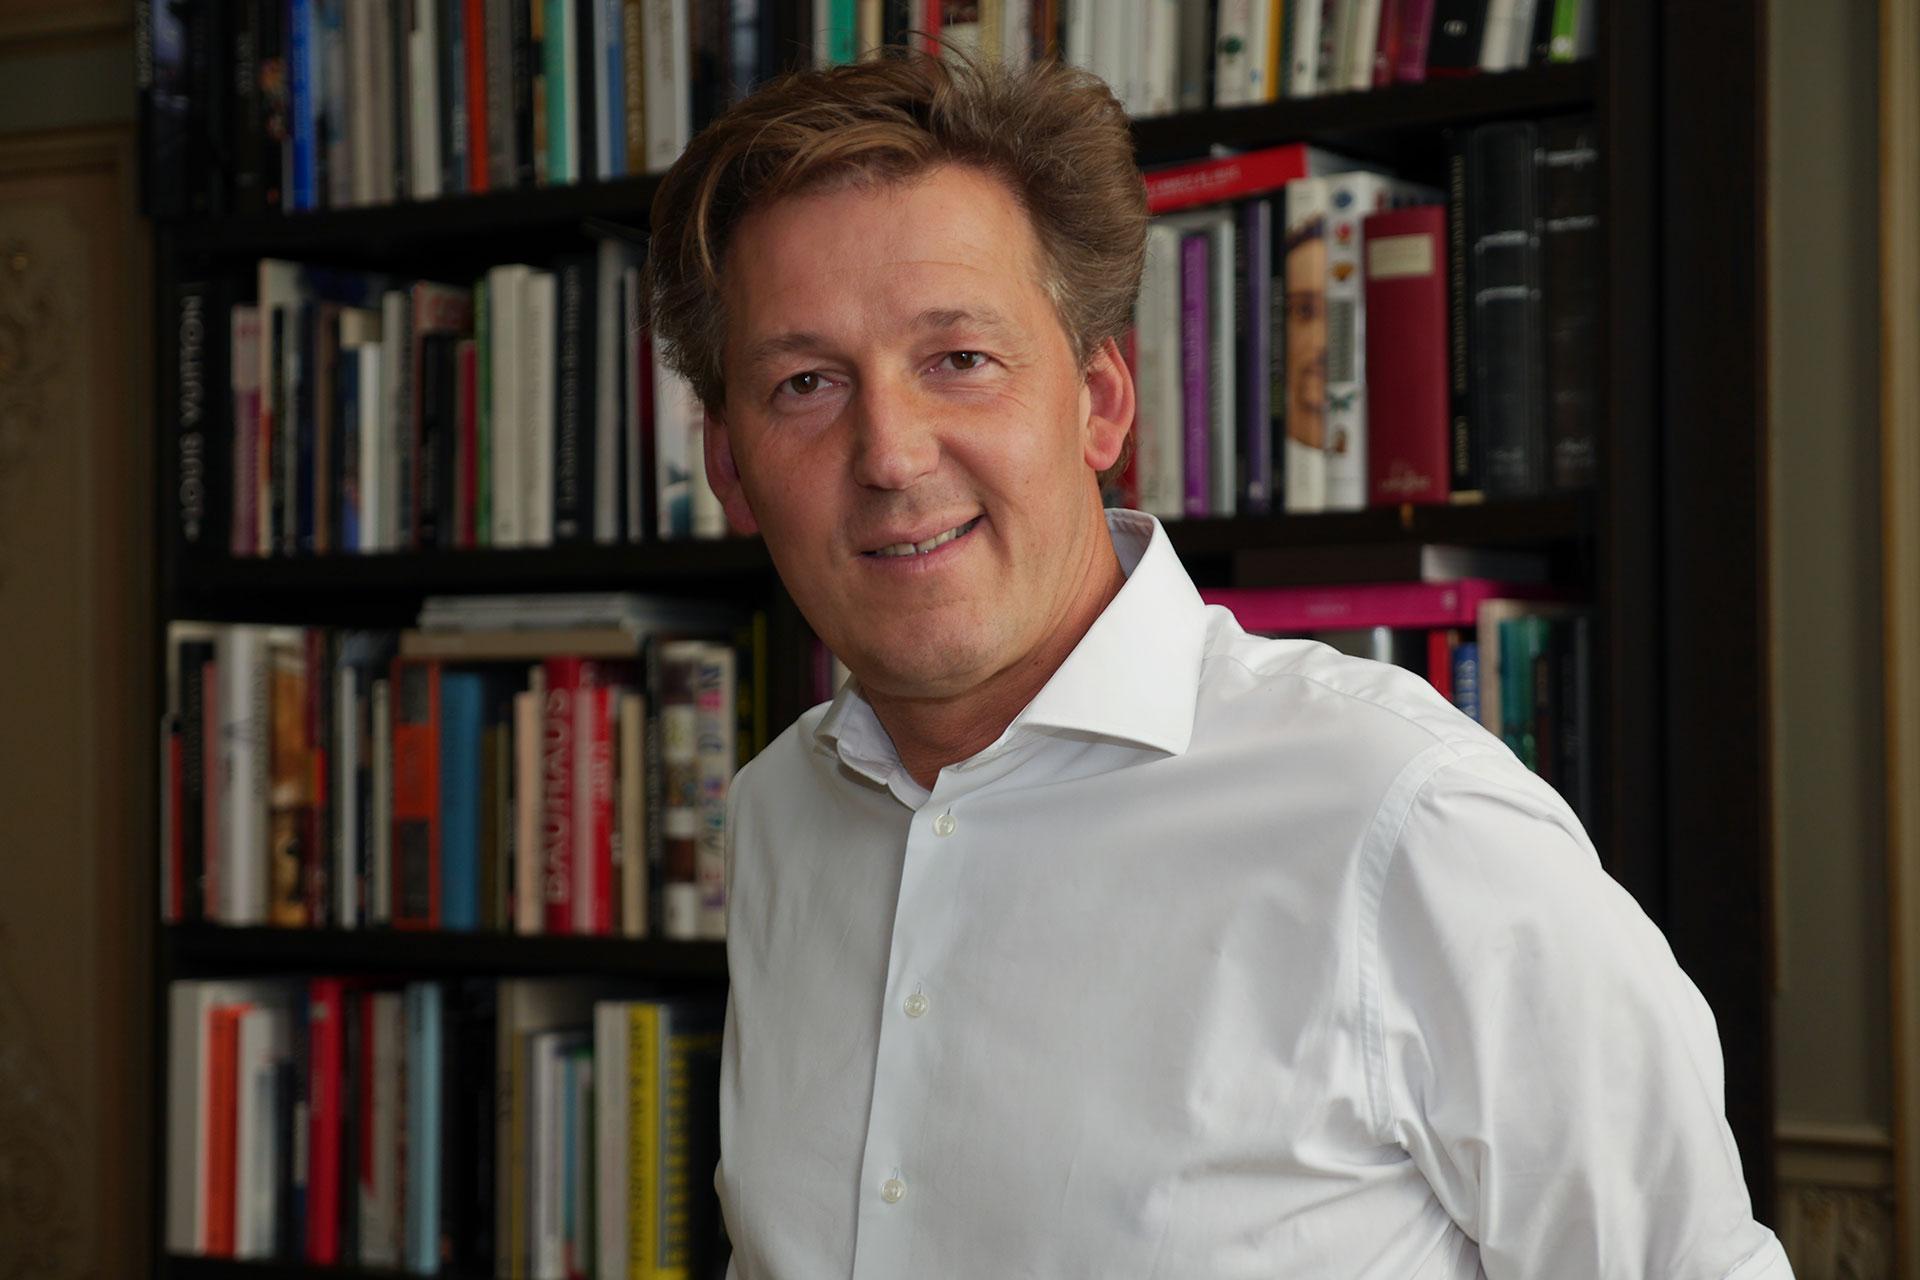 Pierre Marcolini